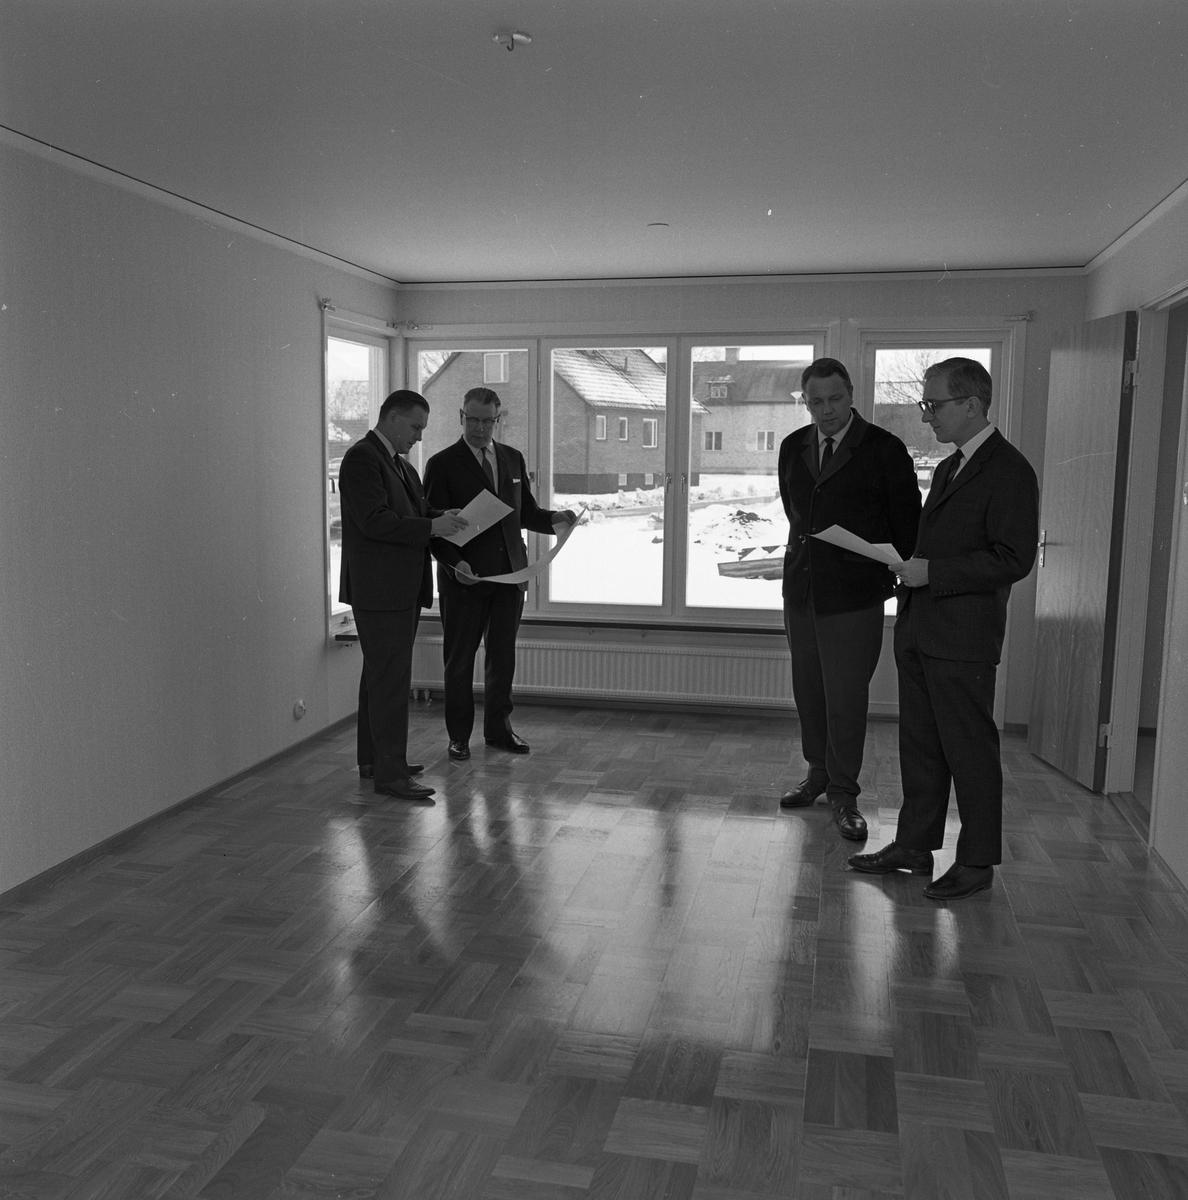 Arbogavillan lll, interiör. På parkettgolvet, i det tomma vardagsrummet, står fyra herrar och diskuterar. De håller i papper, möjligen ritningar.  Hildning Lund, från Byggnadsfirma Lund, är nummer två från vänster. Nummer tre, från vänster, är Norberg. Han är verkmästare hos Lund. Nummer fyra, är Hilding Karnéus, från Arboga Sparbank.